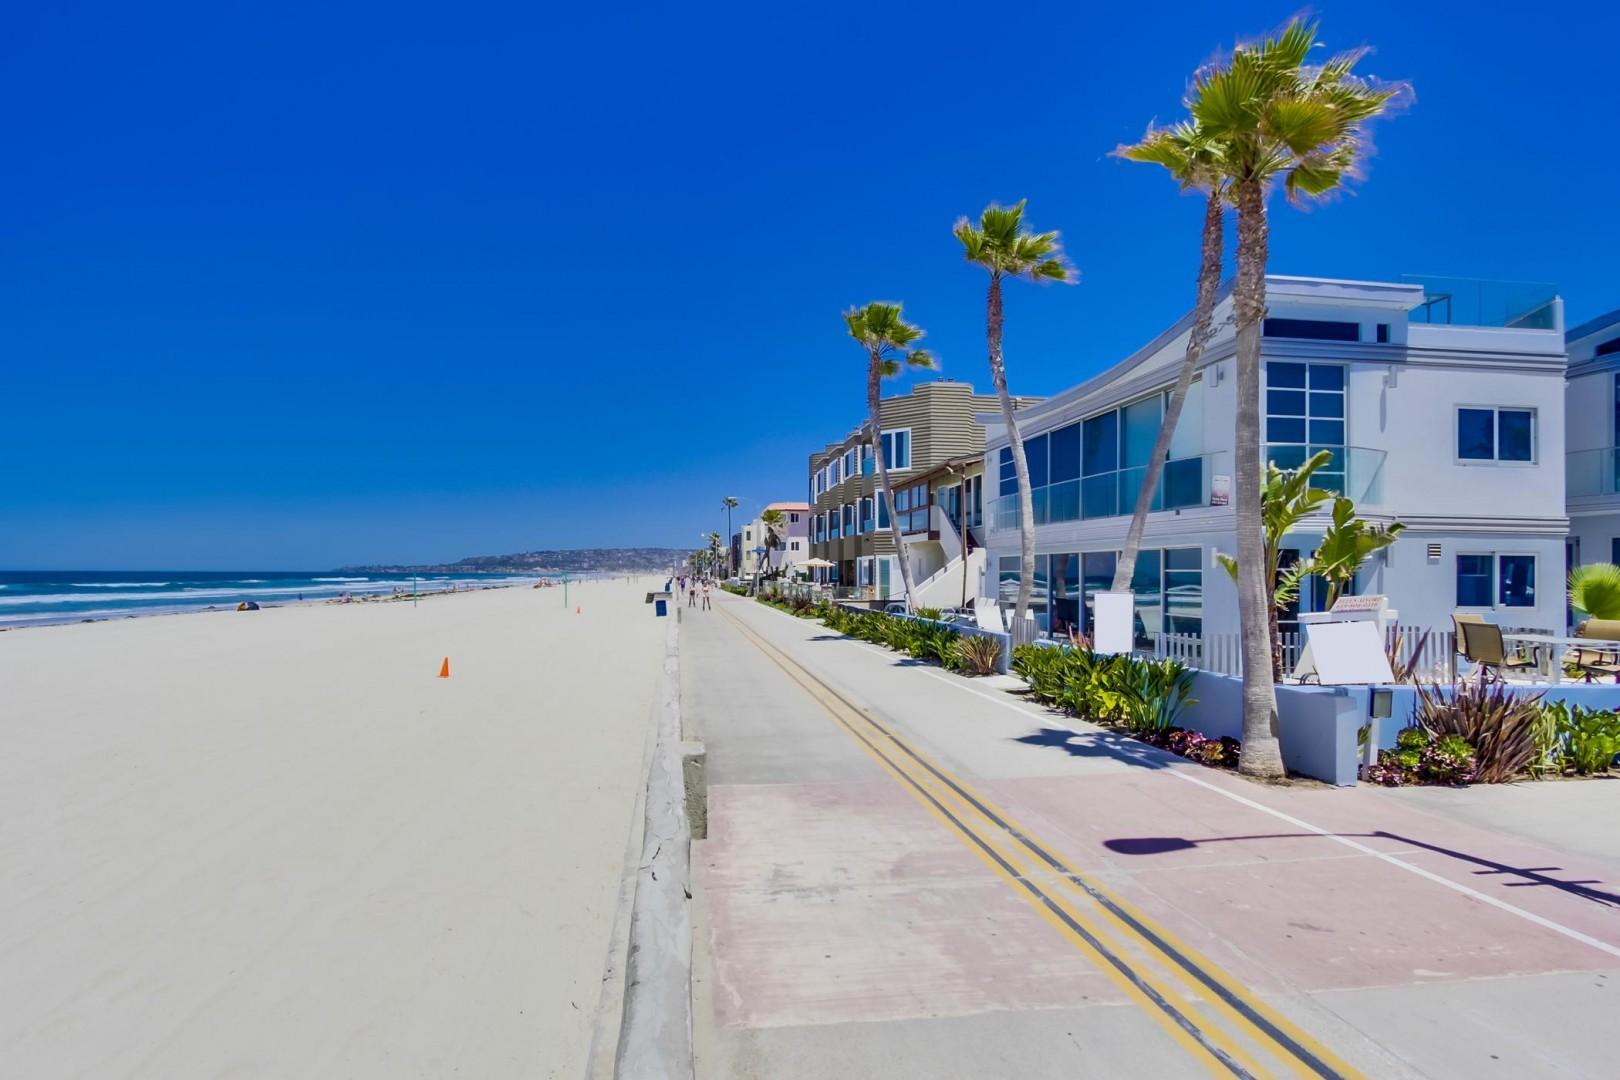 3275-ocean-front-walk-1-028_2100x1400